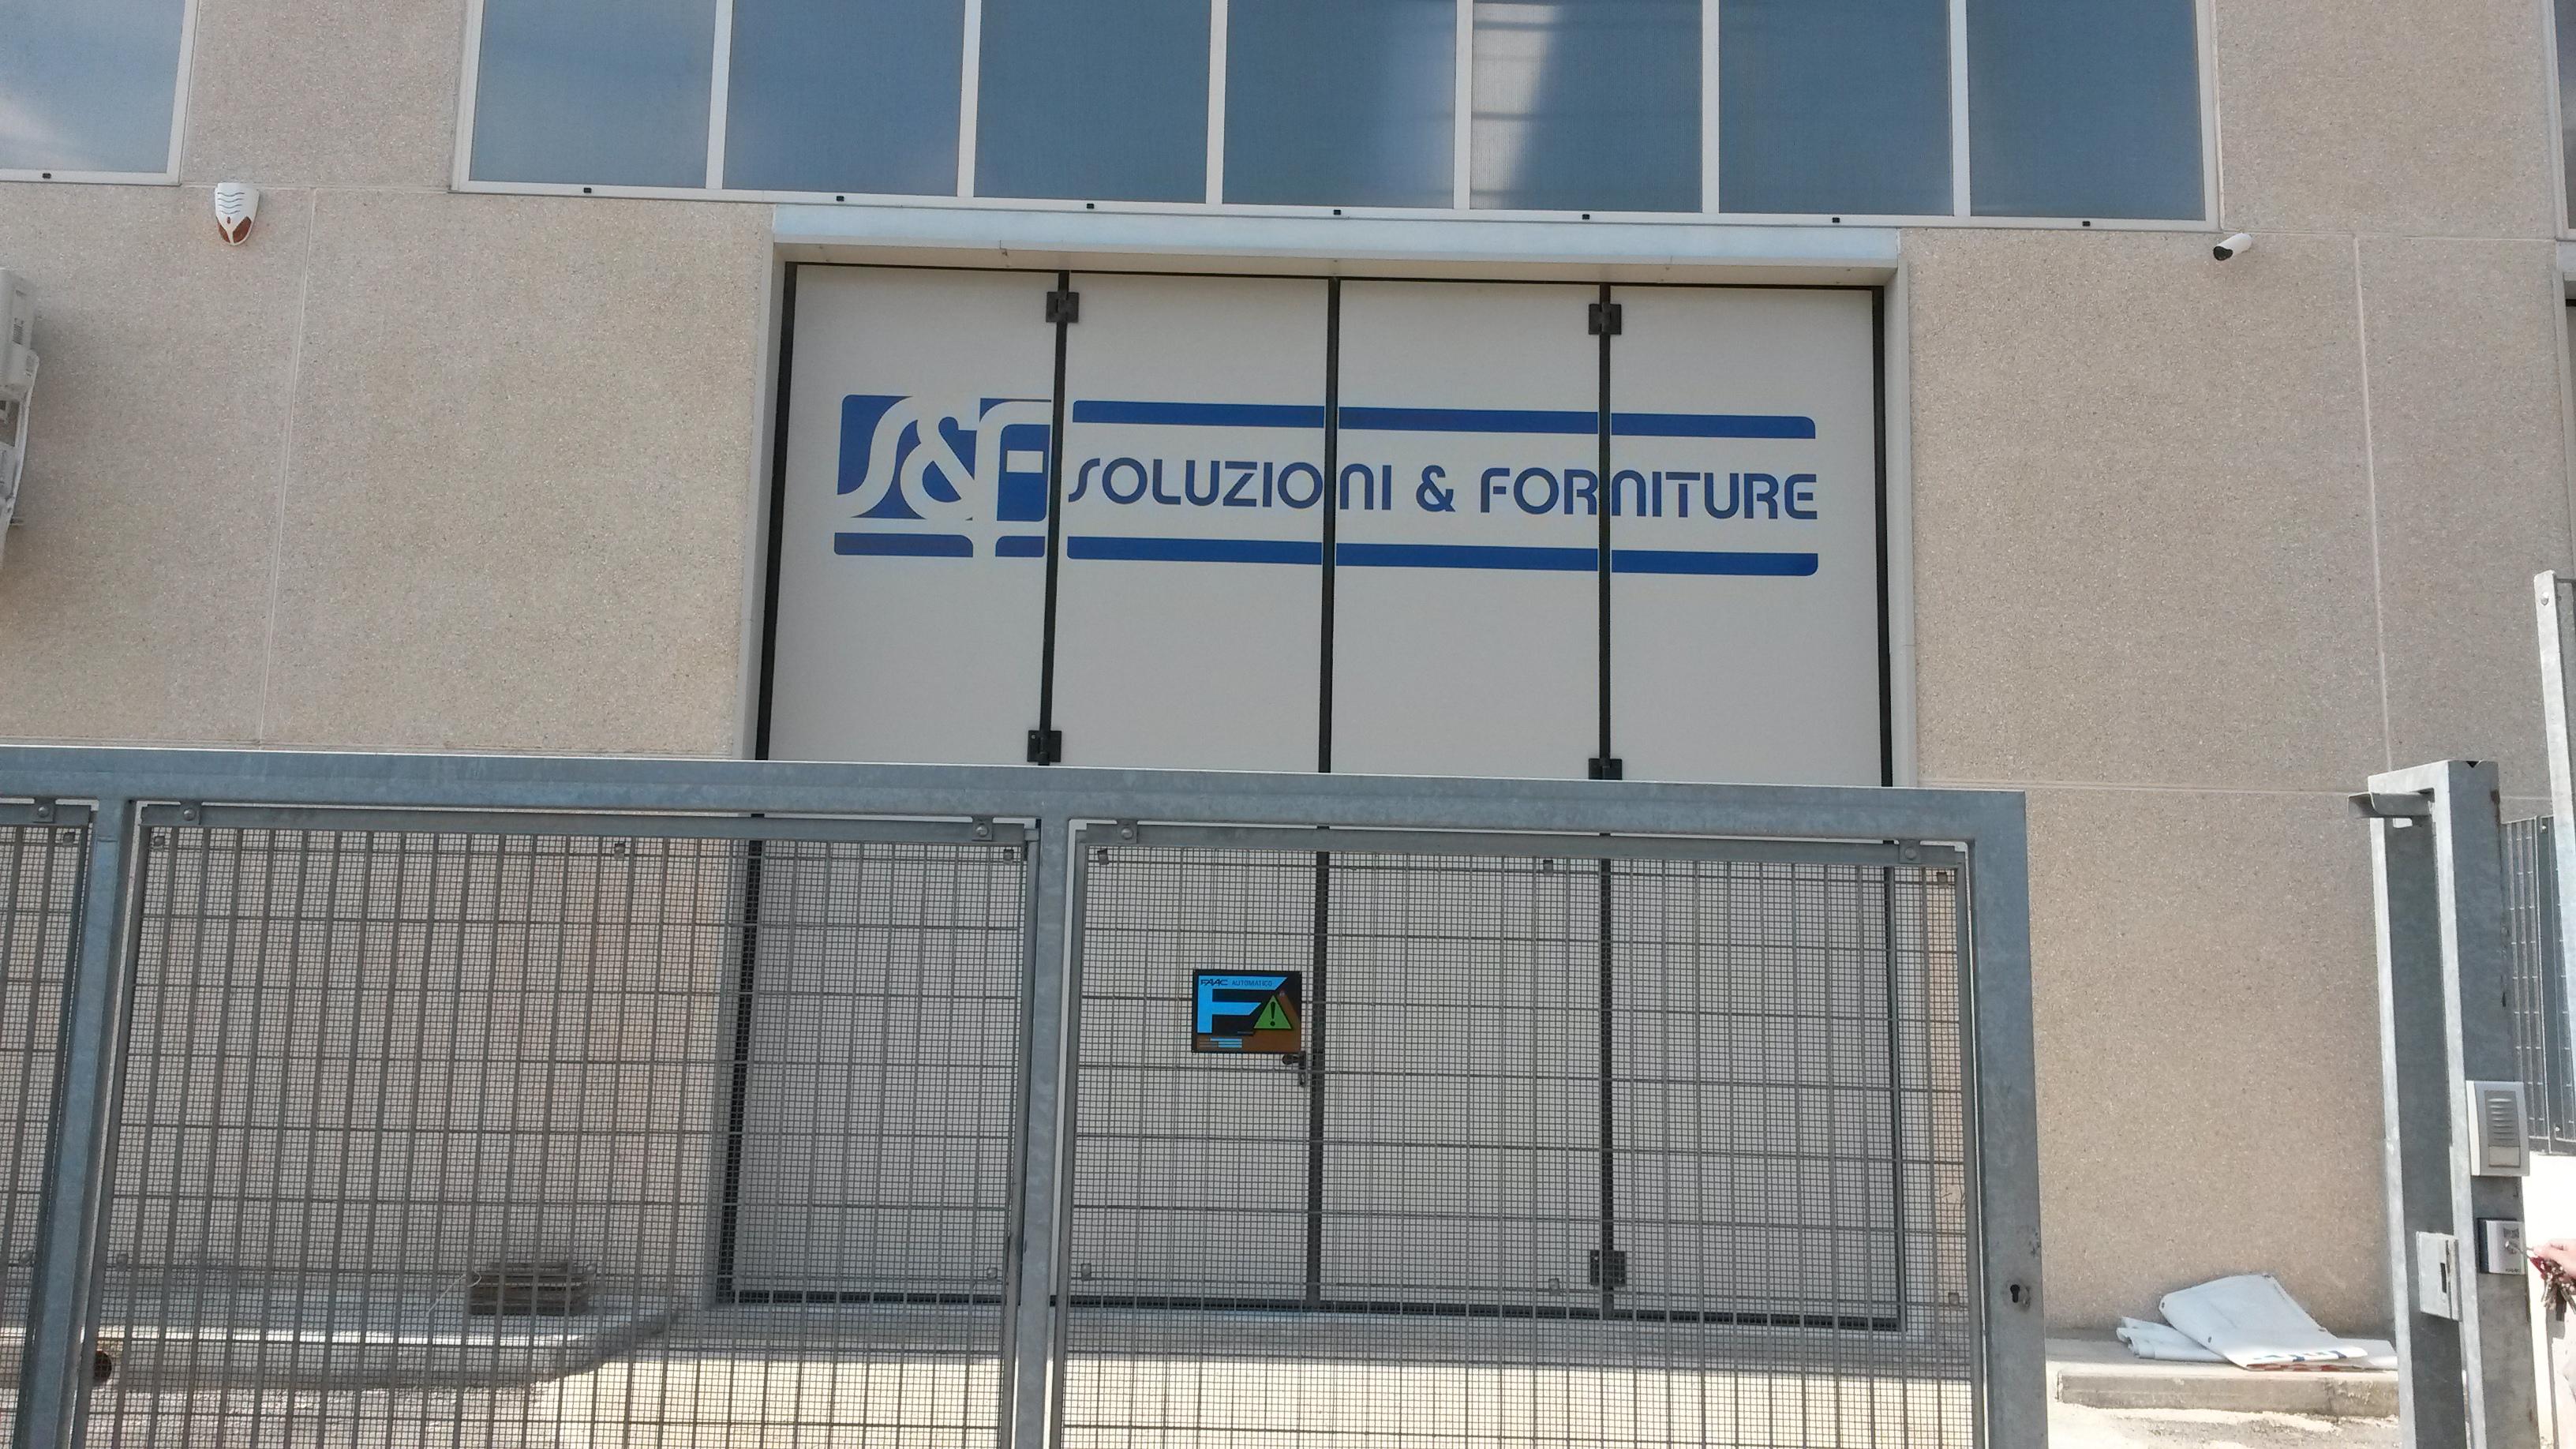 SOLUZIONE E FORNITURE